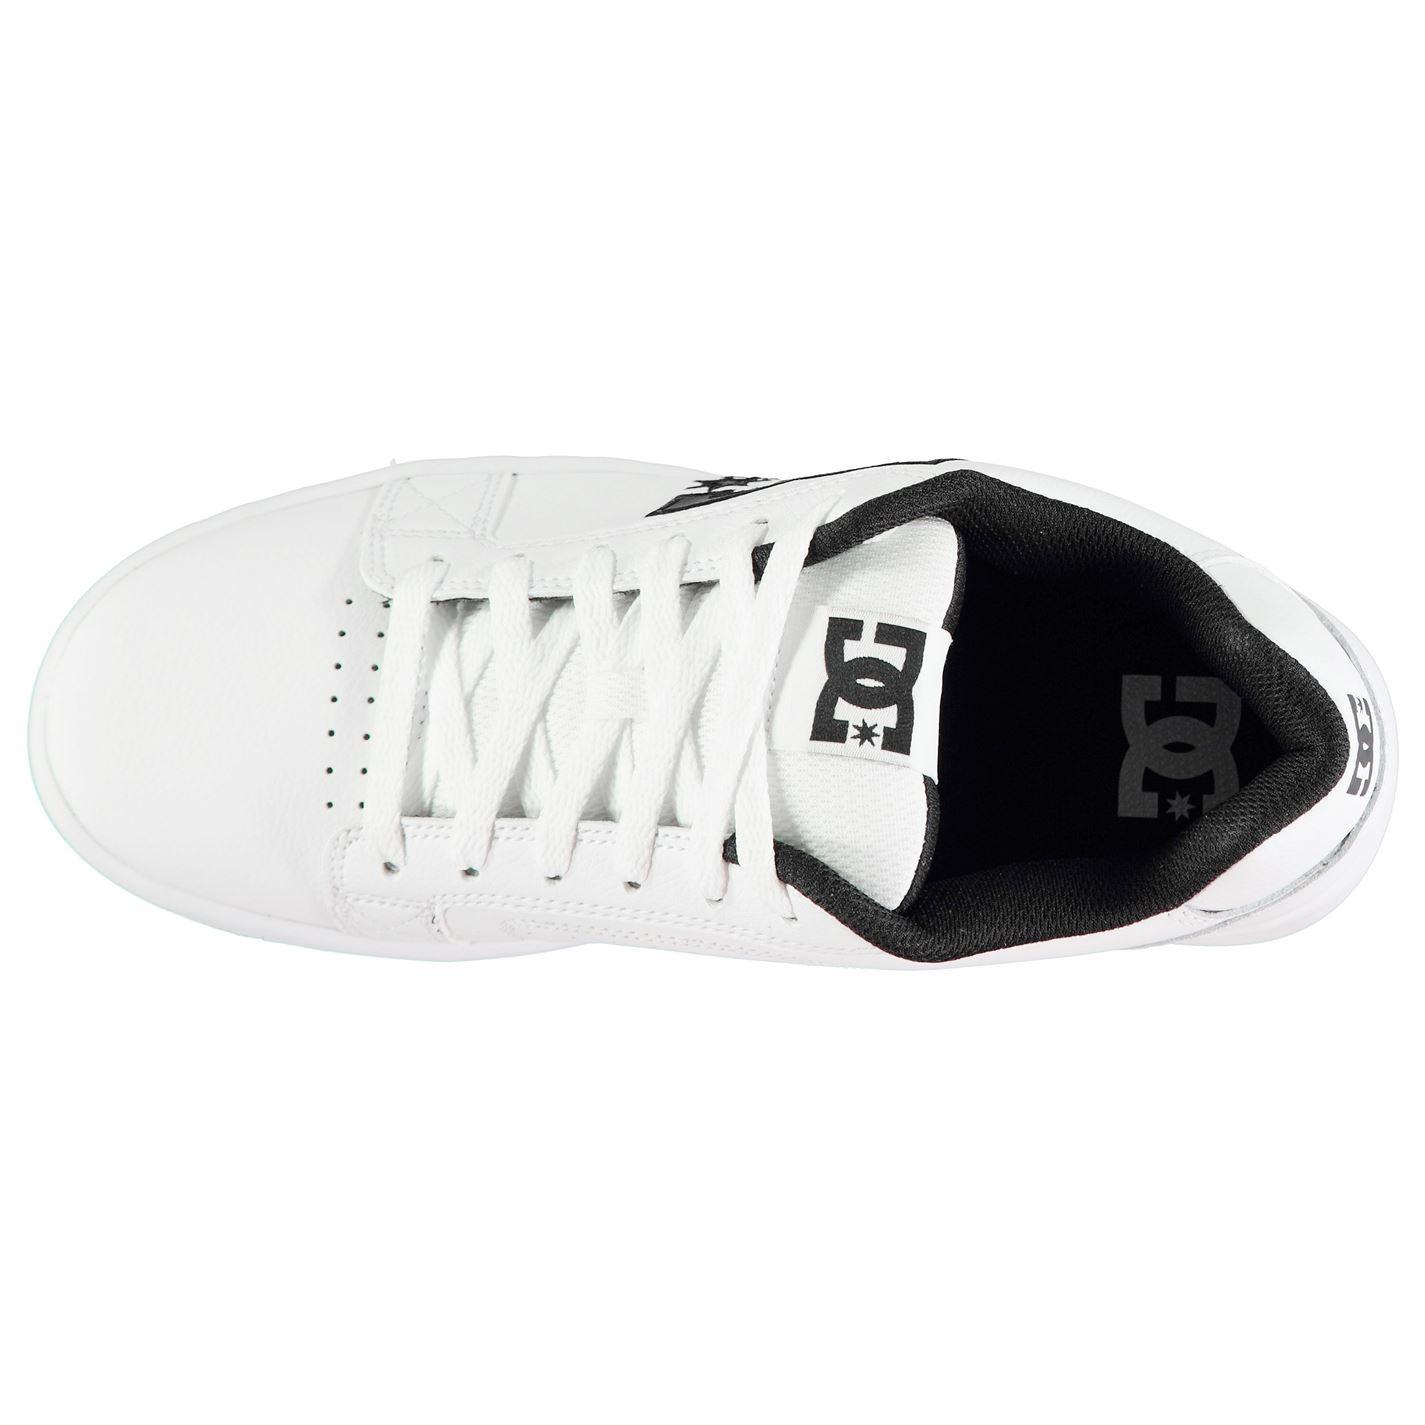 Zapatillas Dc Serial Graffik Para hombres Caballeros Zapatos de Skate Cordones atados acolchado de tobillo